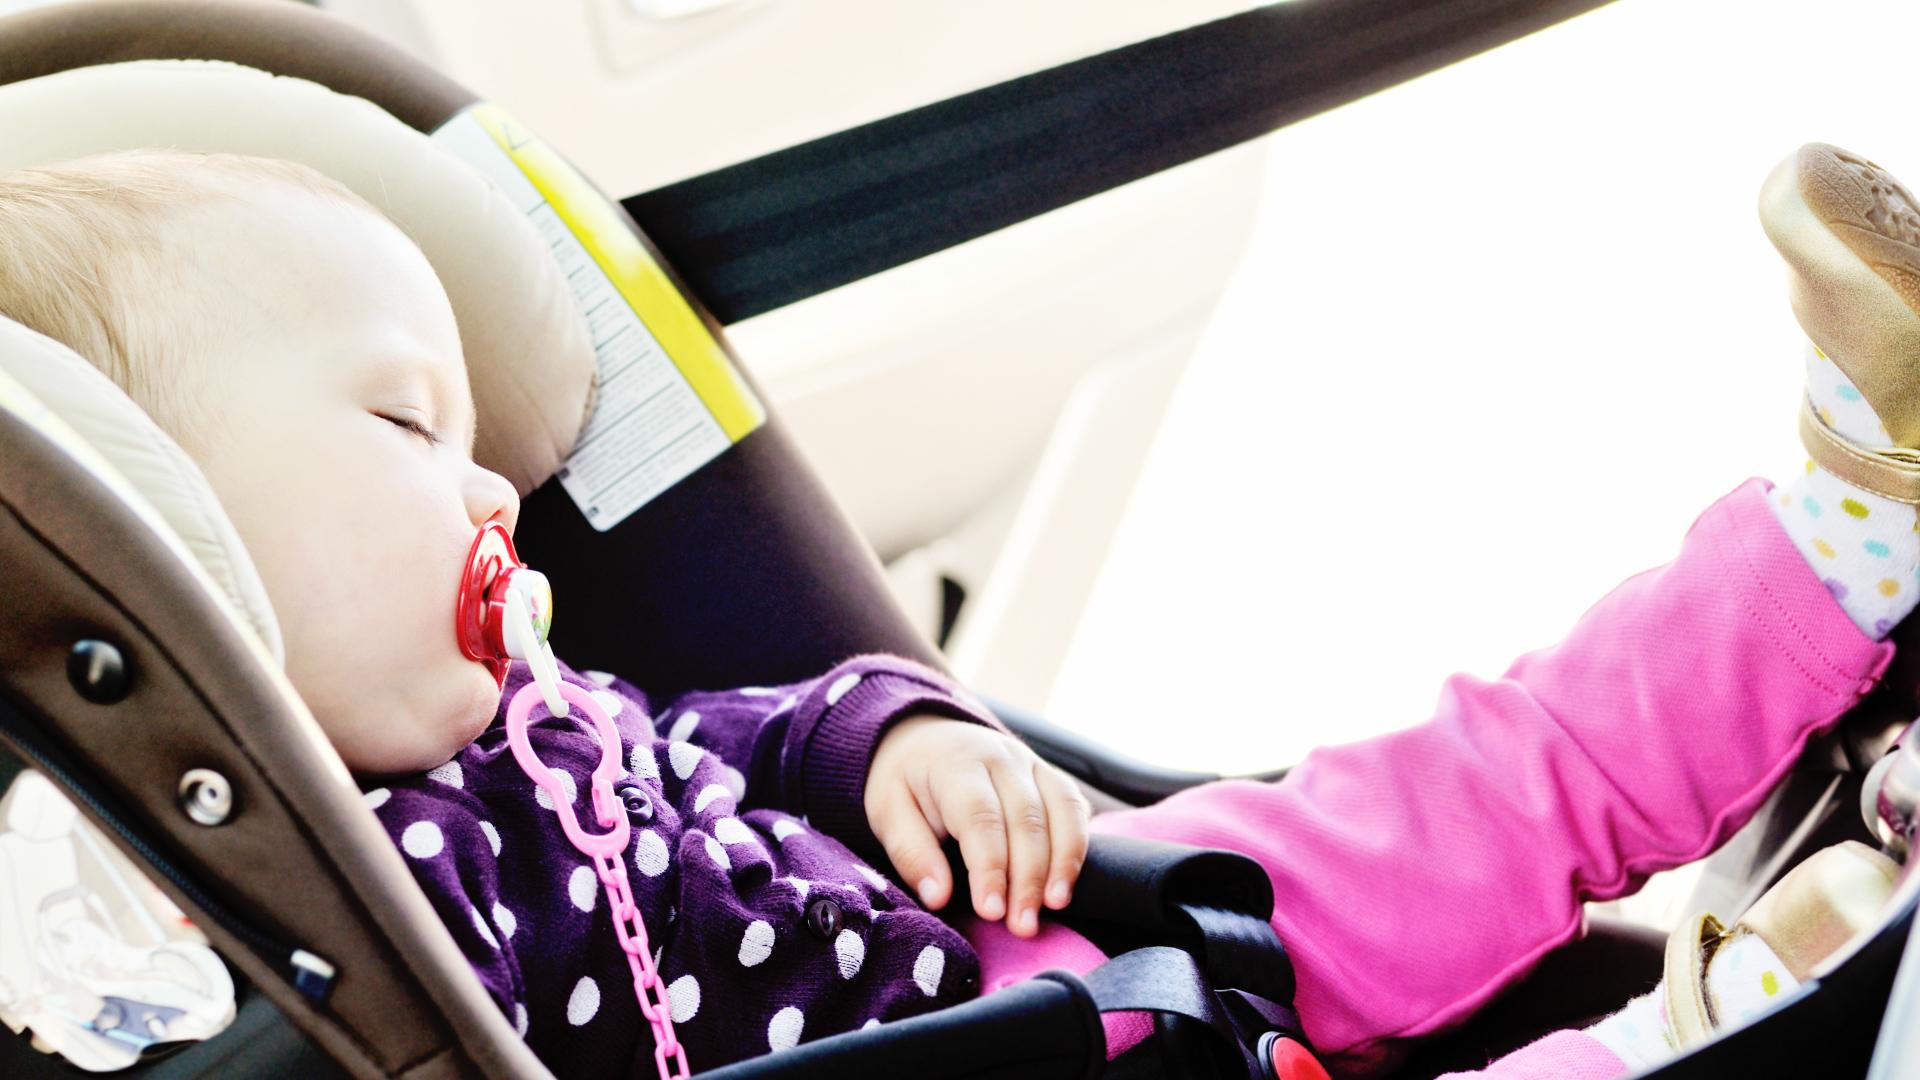 Płakała, uwięziona w rozgrzanym samochodzie